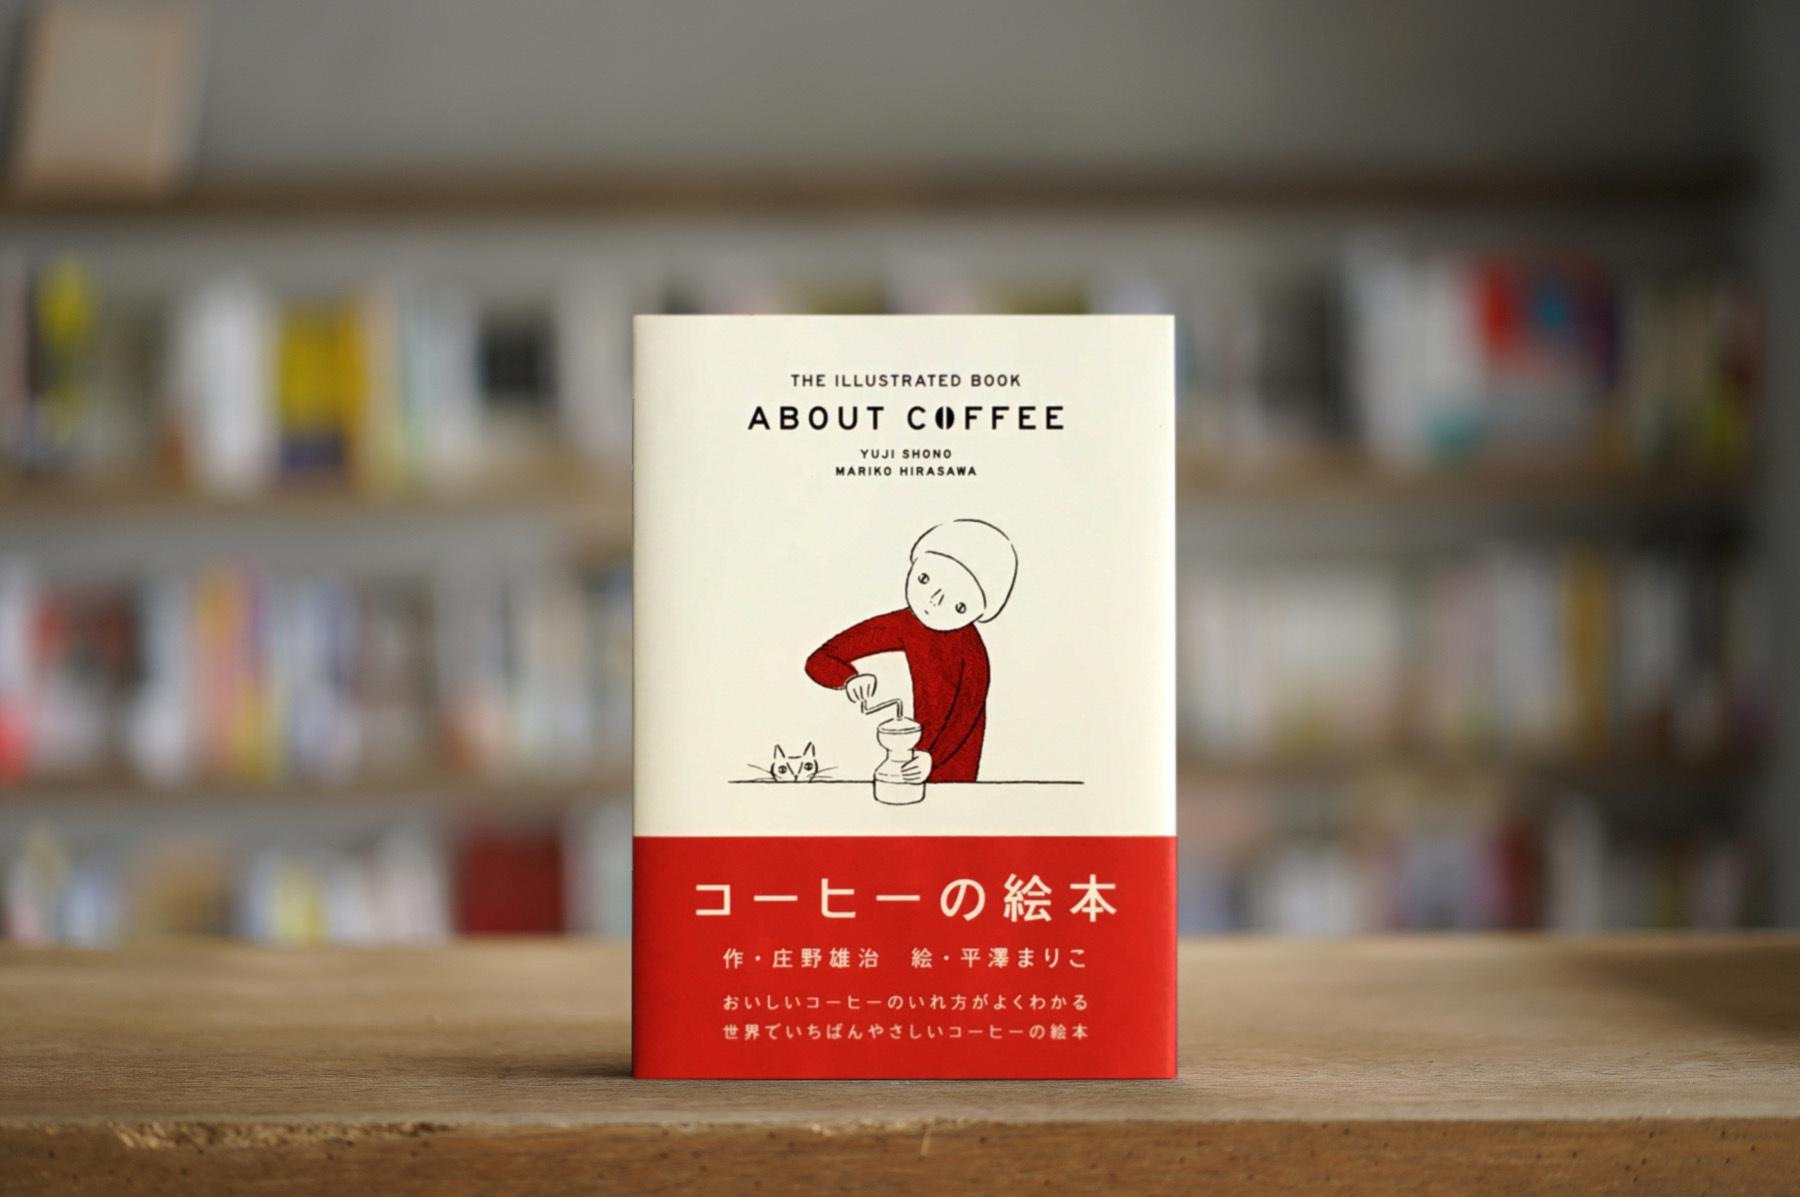 作:庄野雄治 絵:平澤まりこ 『コーヒーの絵本』 (mille books、2014)